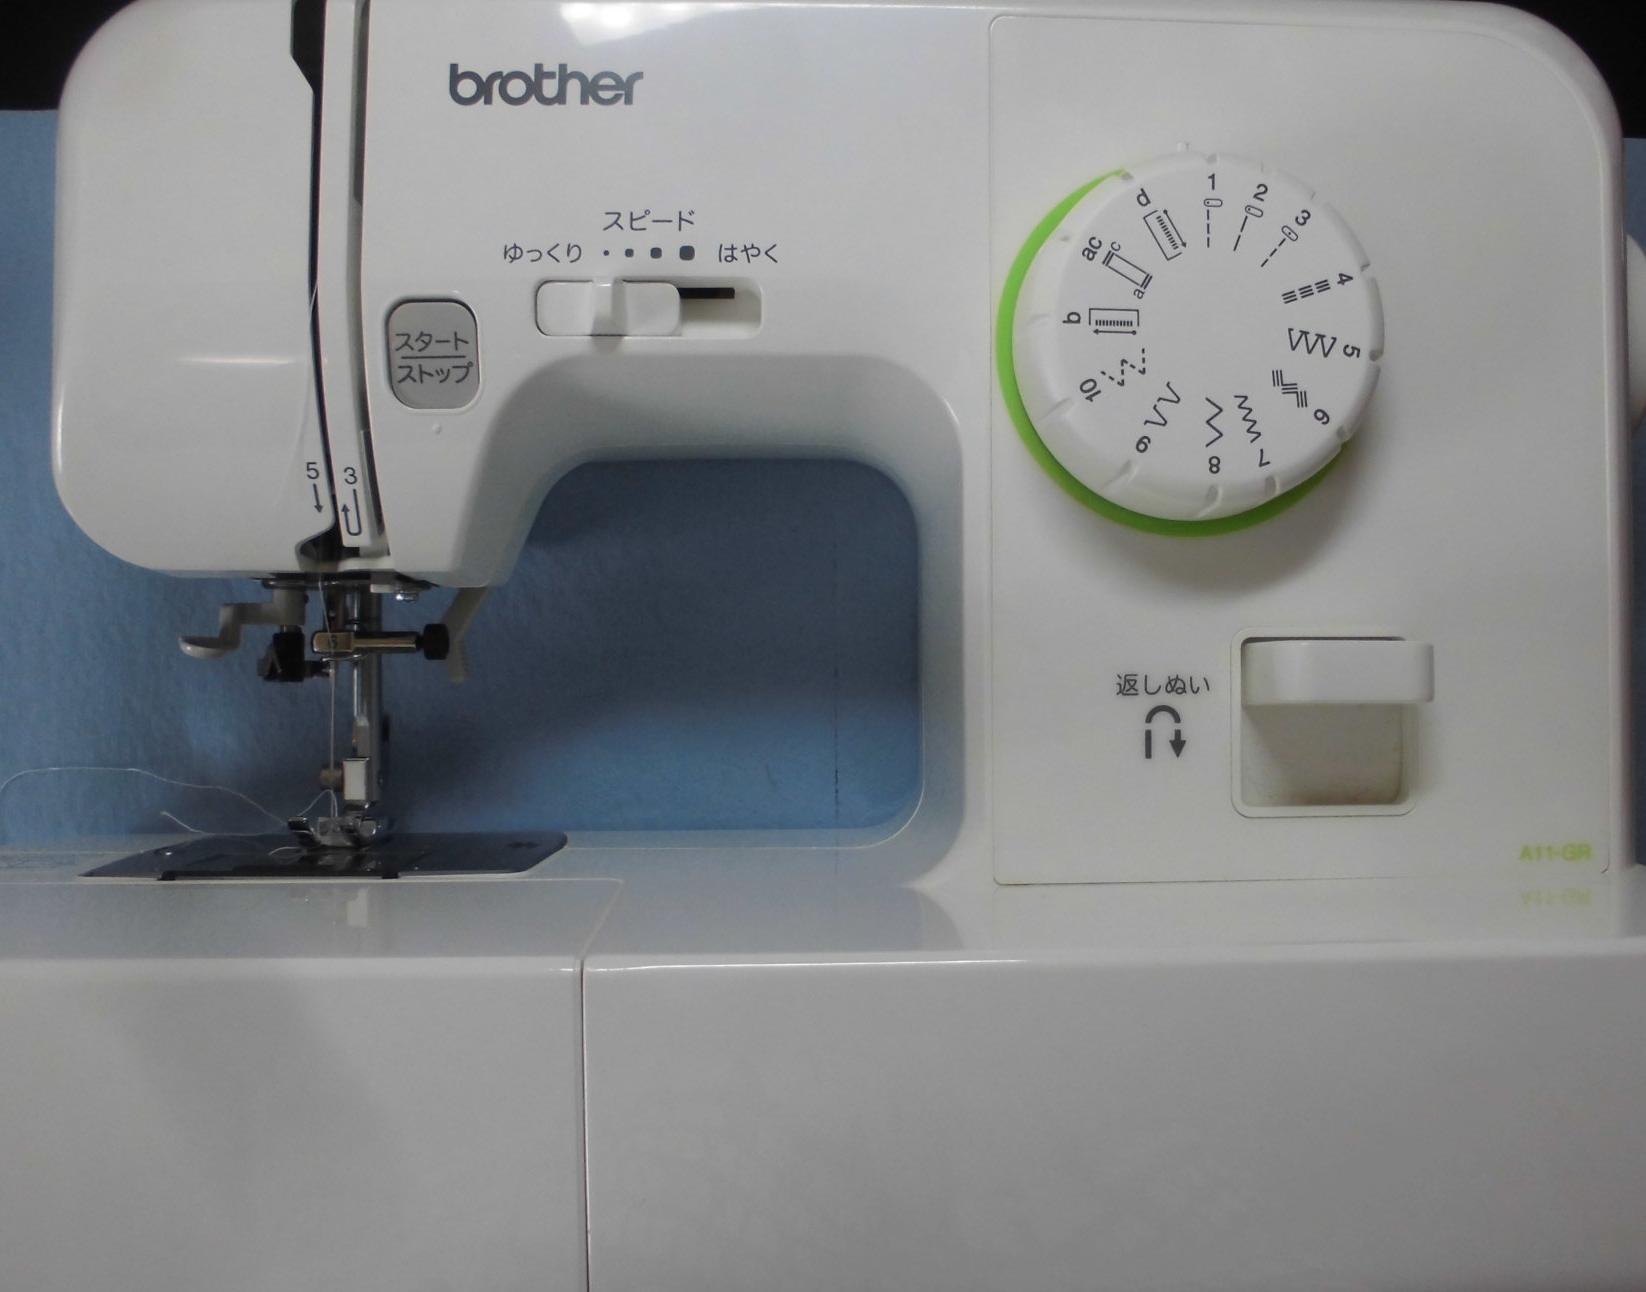 ブラザーミシン修理|EL115|縫えない、下糸をすくわない、釜が回らない